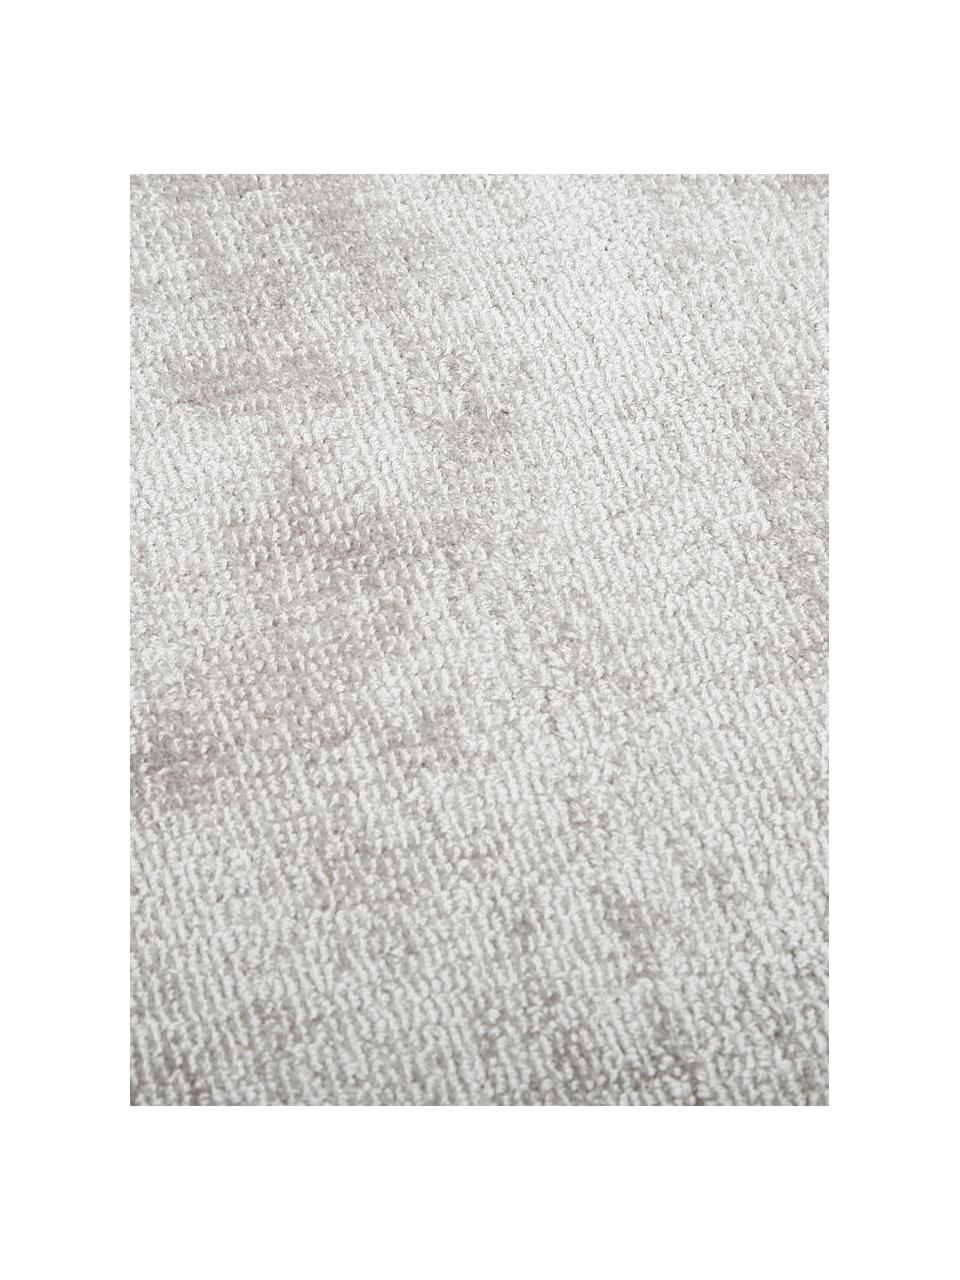 Passatoia in viscosa color grigio chiaro-beige tessuta a mano Jane, Retro: 100% cotone, Grigio chiaro-beige, Larg. 80 x Lung. 250 cm